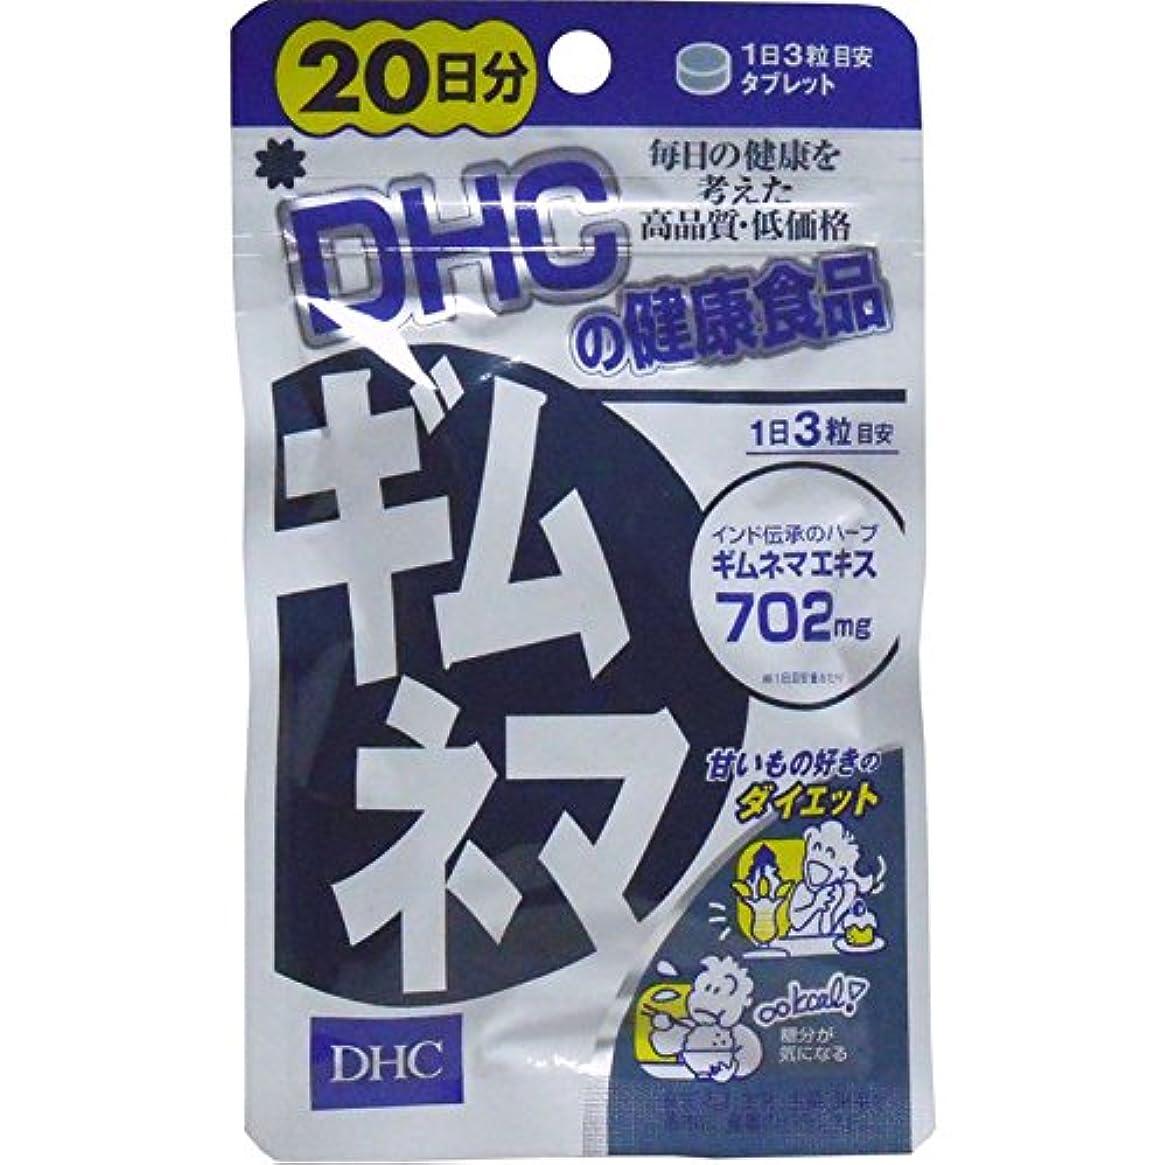 予測乱雑な安息大好きな「甘いもの」をムダ肉にしない DHC ギムネマ 20日分 60粒